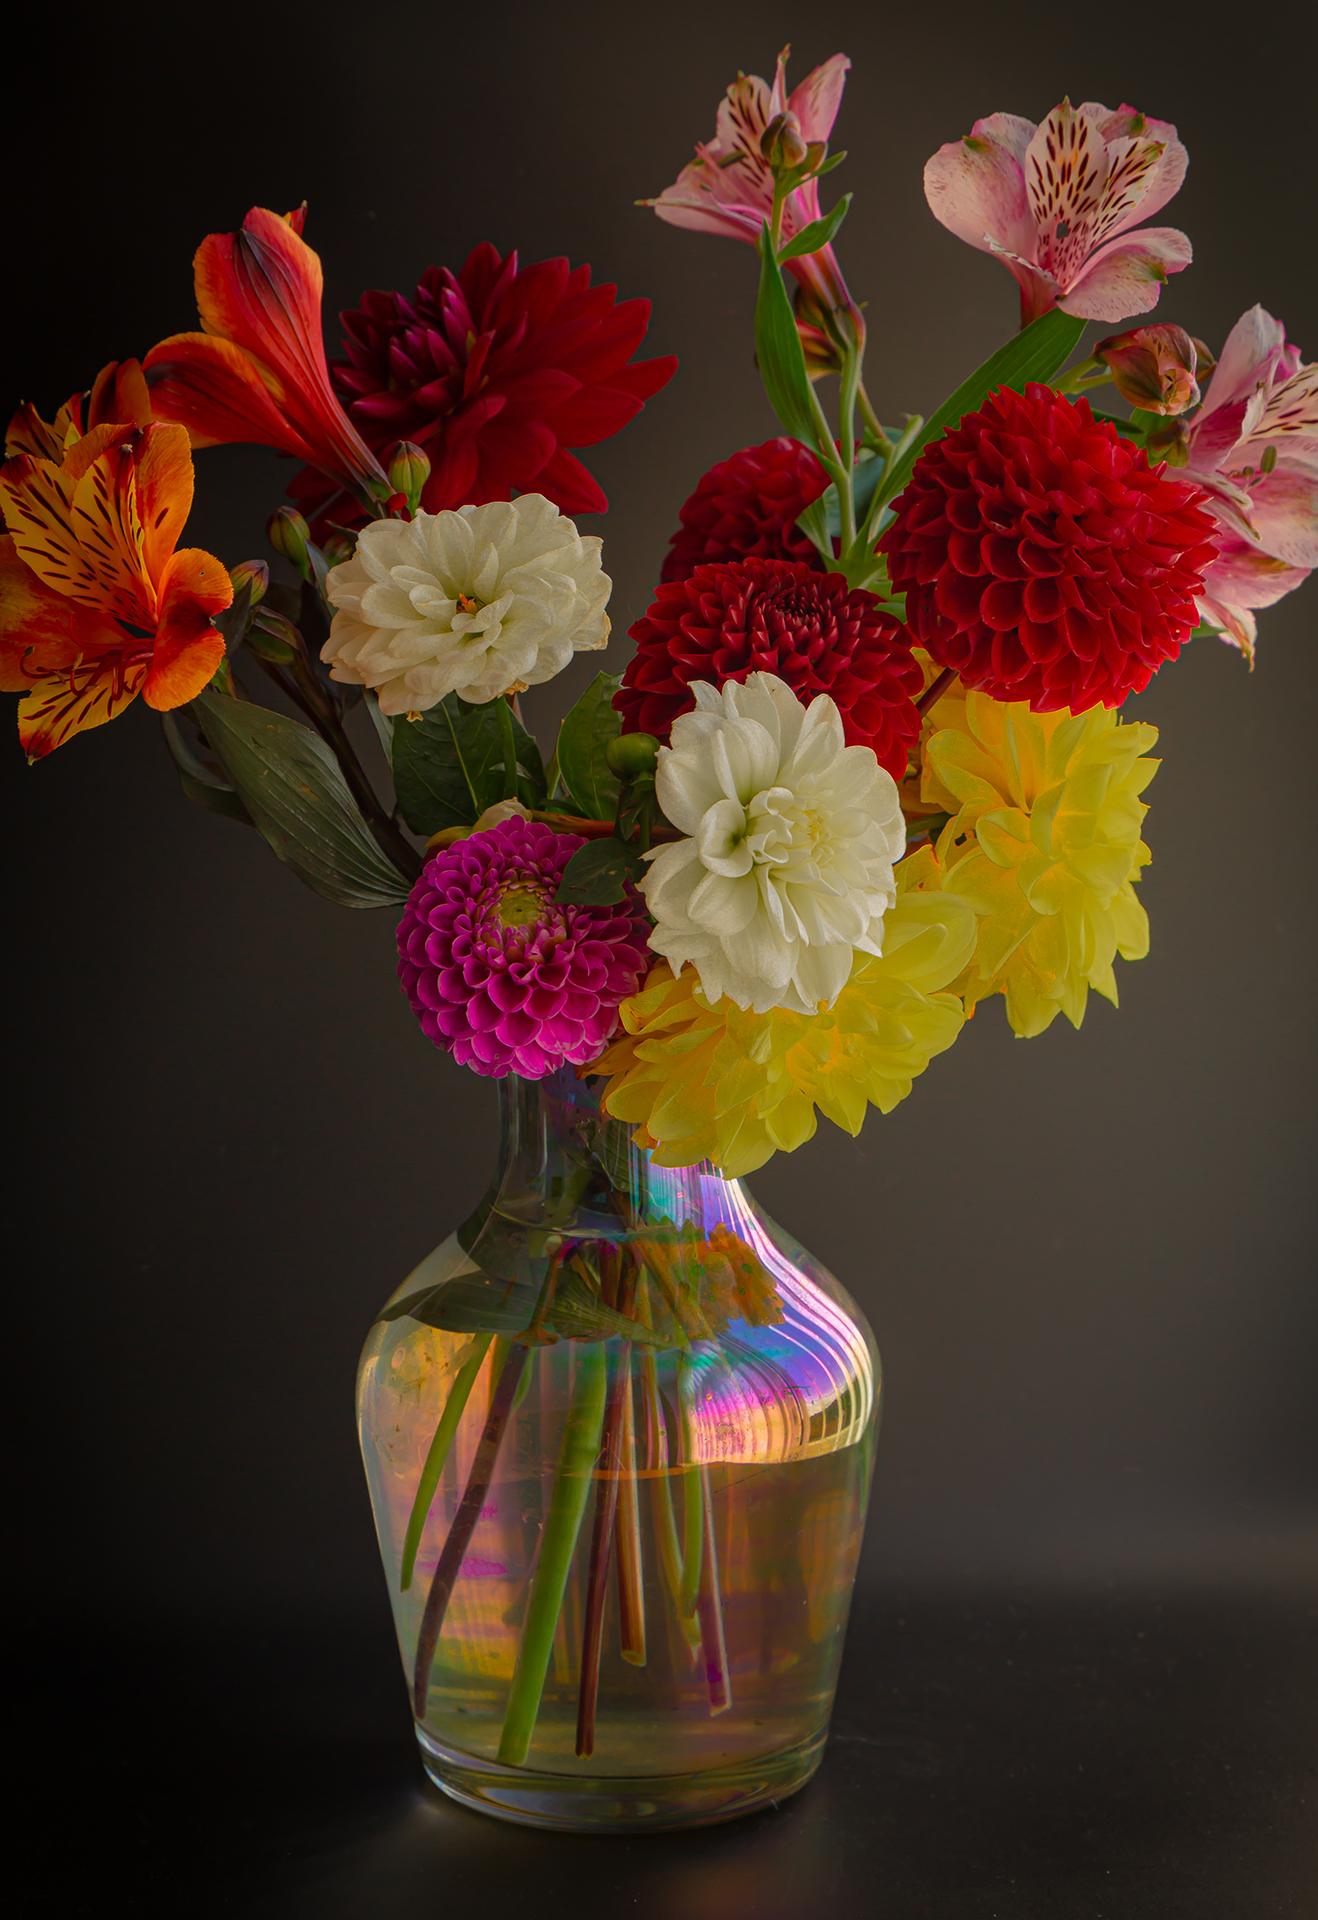 flower vase (1 of 1)